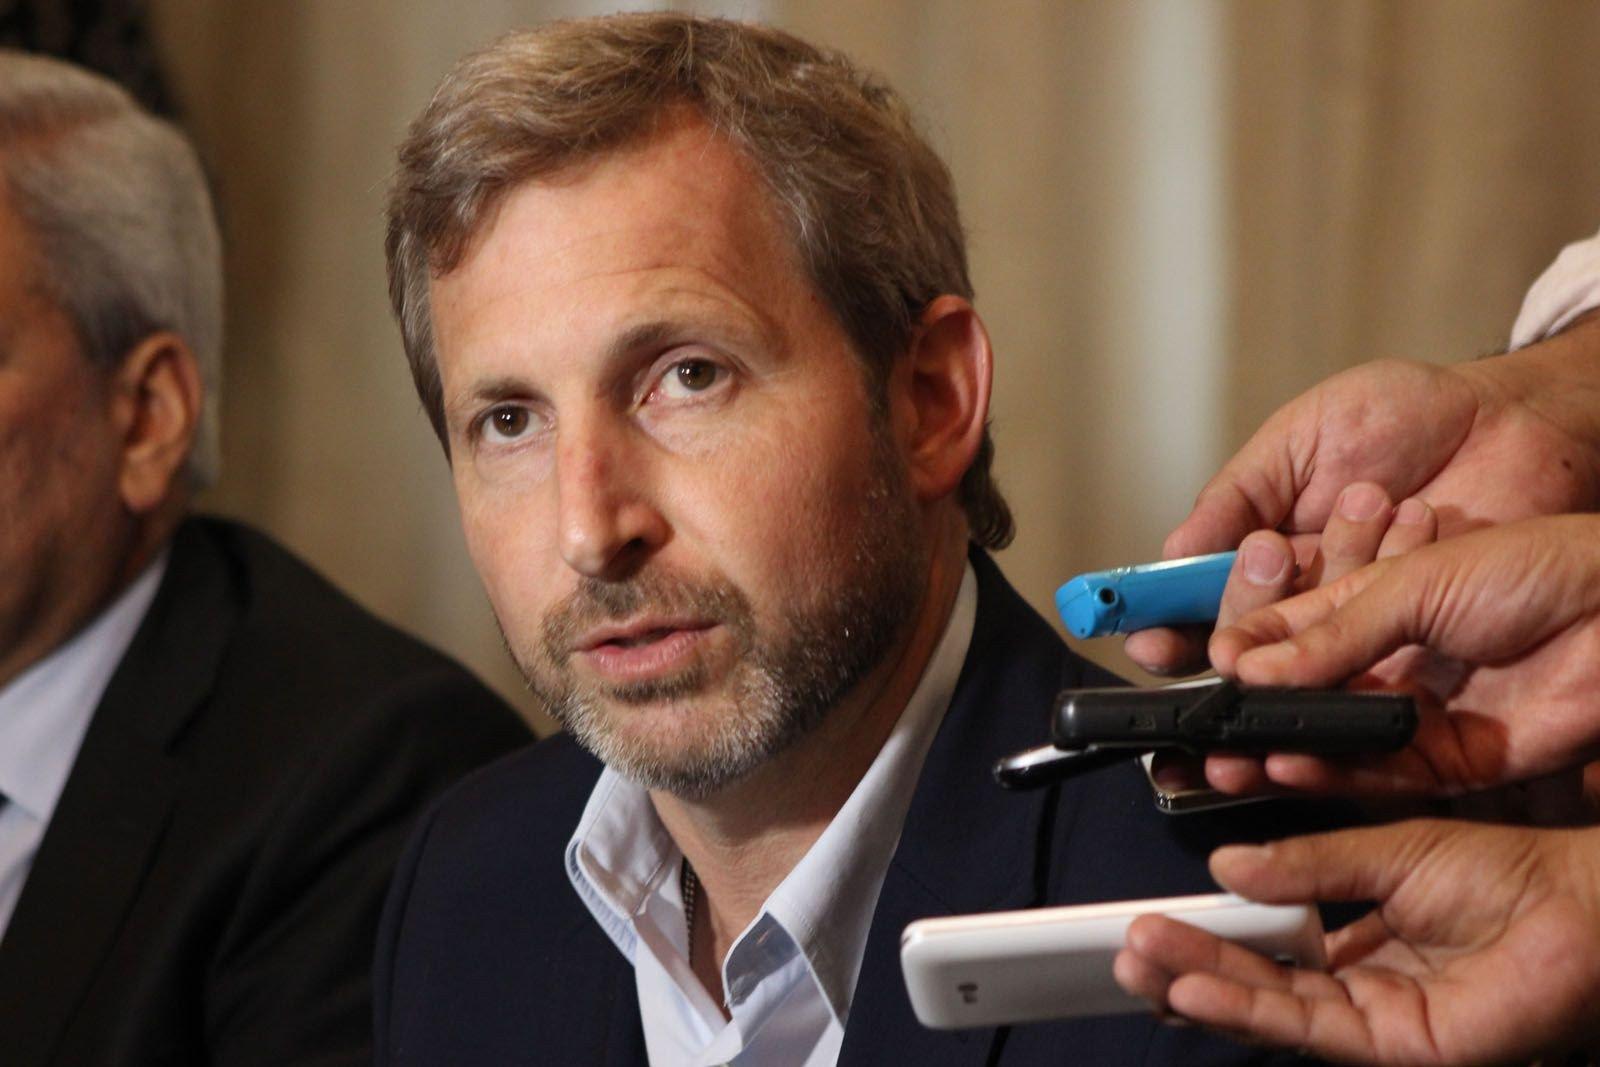 """Rogelio Frigerio, aseguró que el Gobierno está """"abierto a discutir"""" con la oposición alternativas para """"amortiguar el impacto en el bolsillo de la gente"""" por el aumento del gas"""